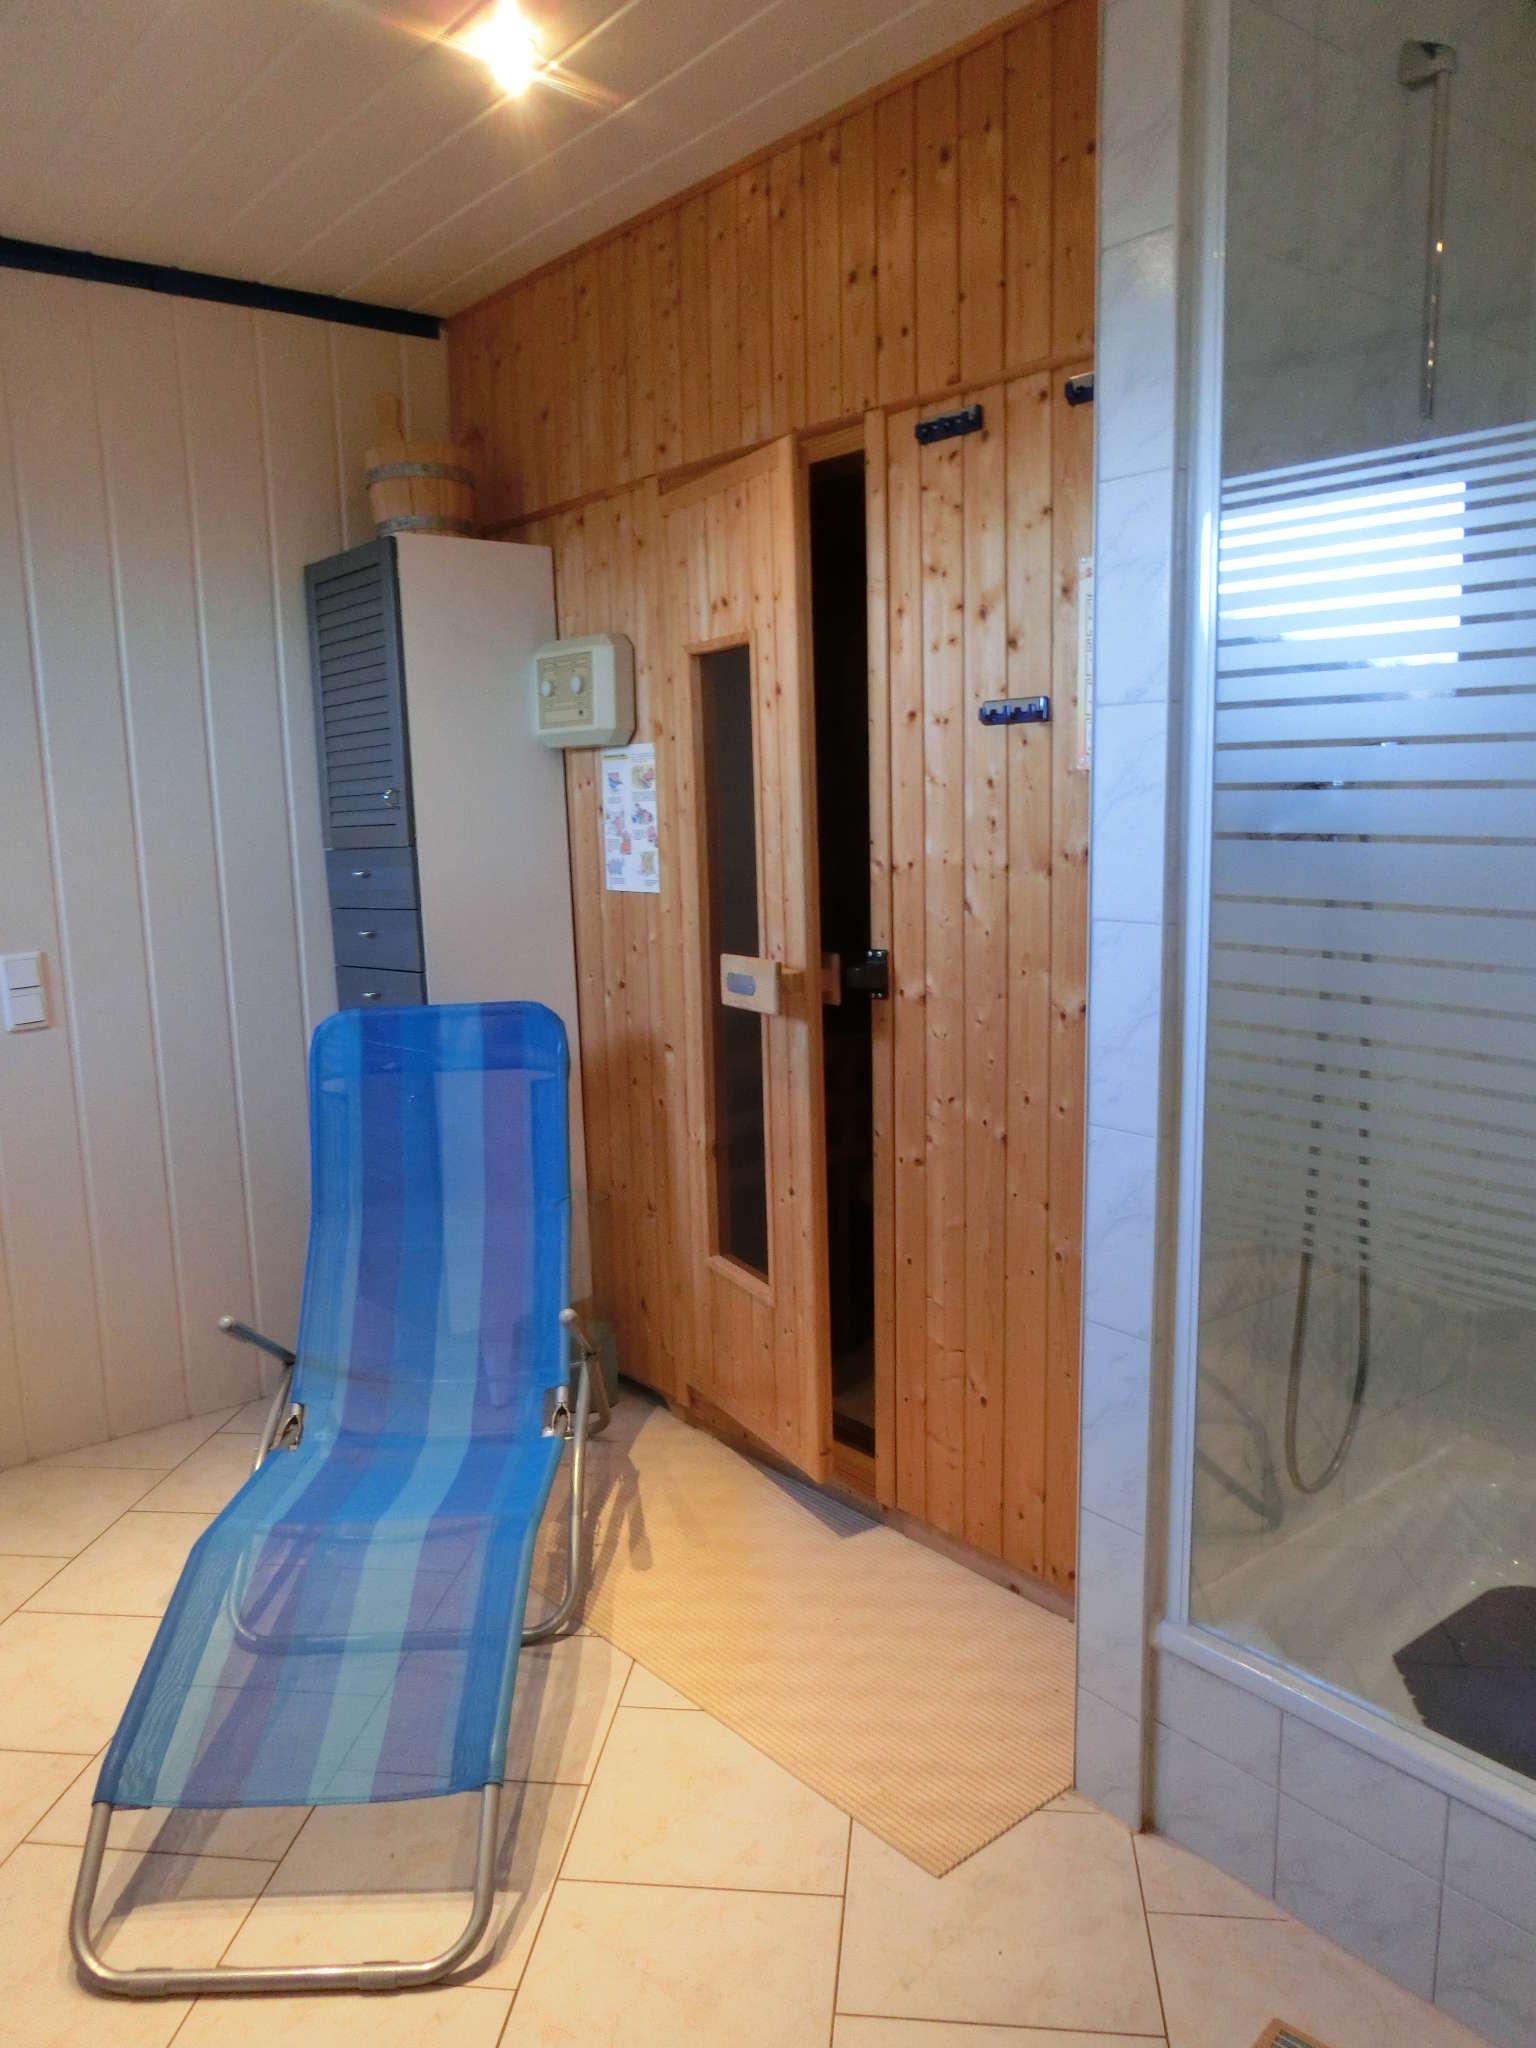 ferienhaus warnowtal in p lchow wahrstorf mecklenburg vorpommern dr petra leitert. Black Bedroom Furniture Sets. Home Design Ideas